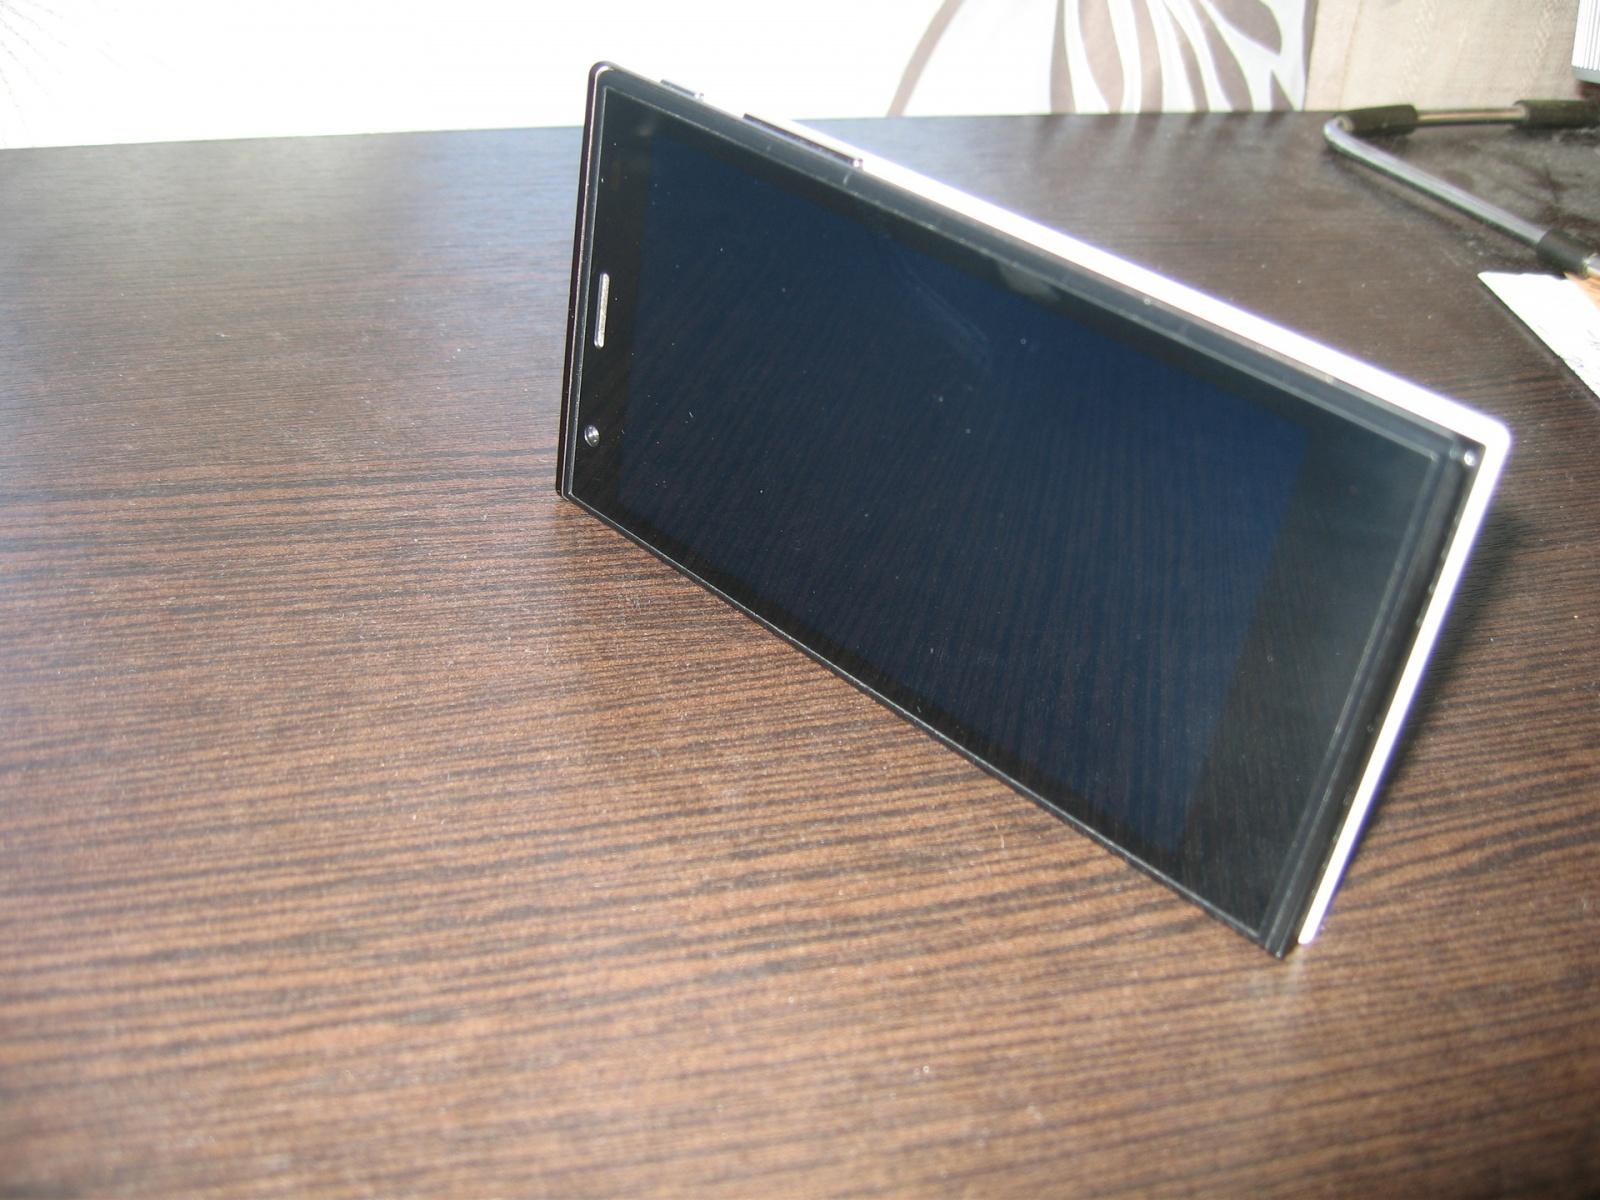 Очередной обзор Sailfish OS или муки выбора подходящей мобильной ОС - 22